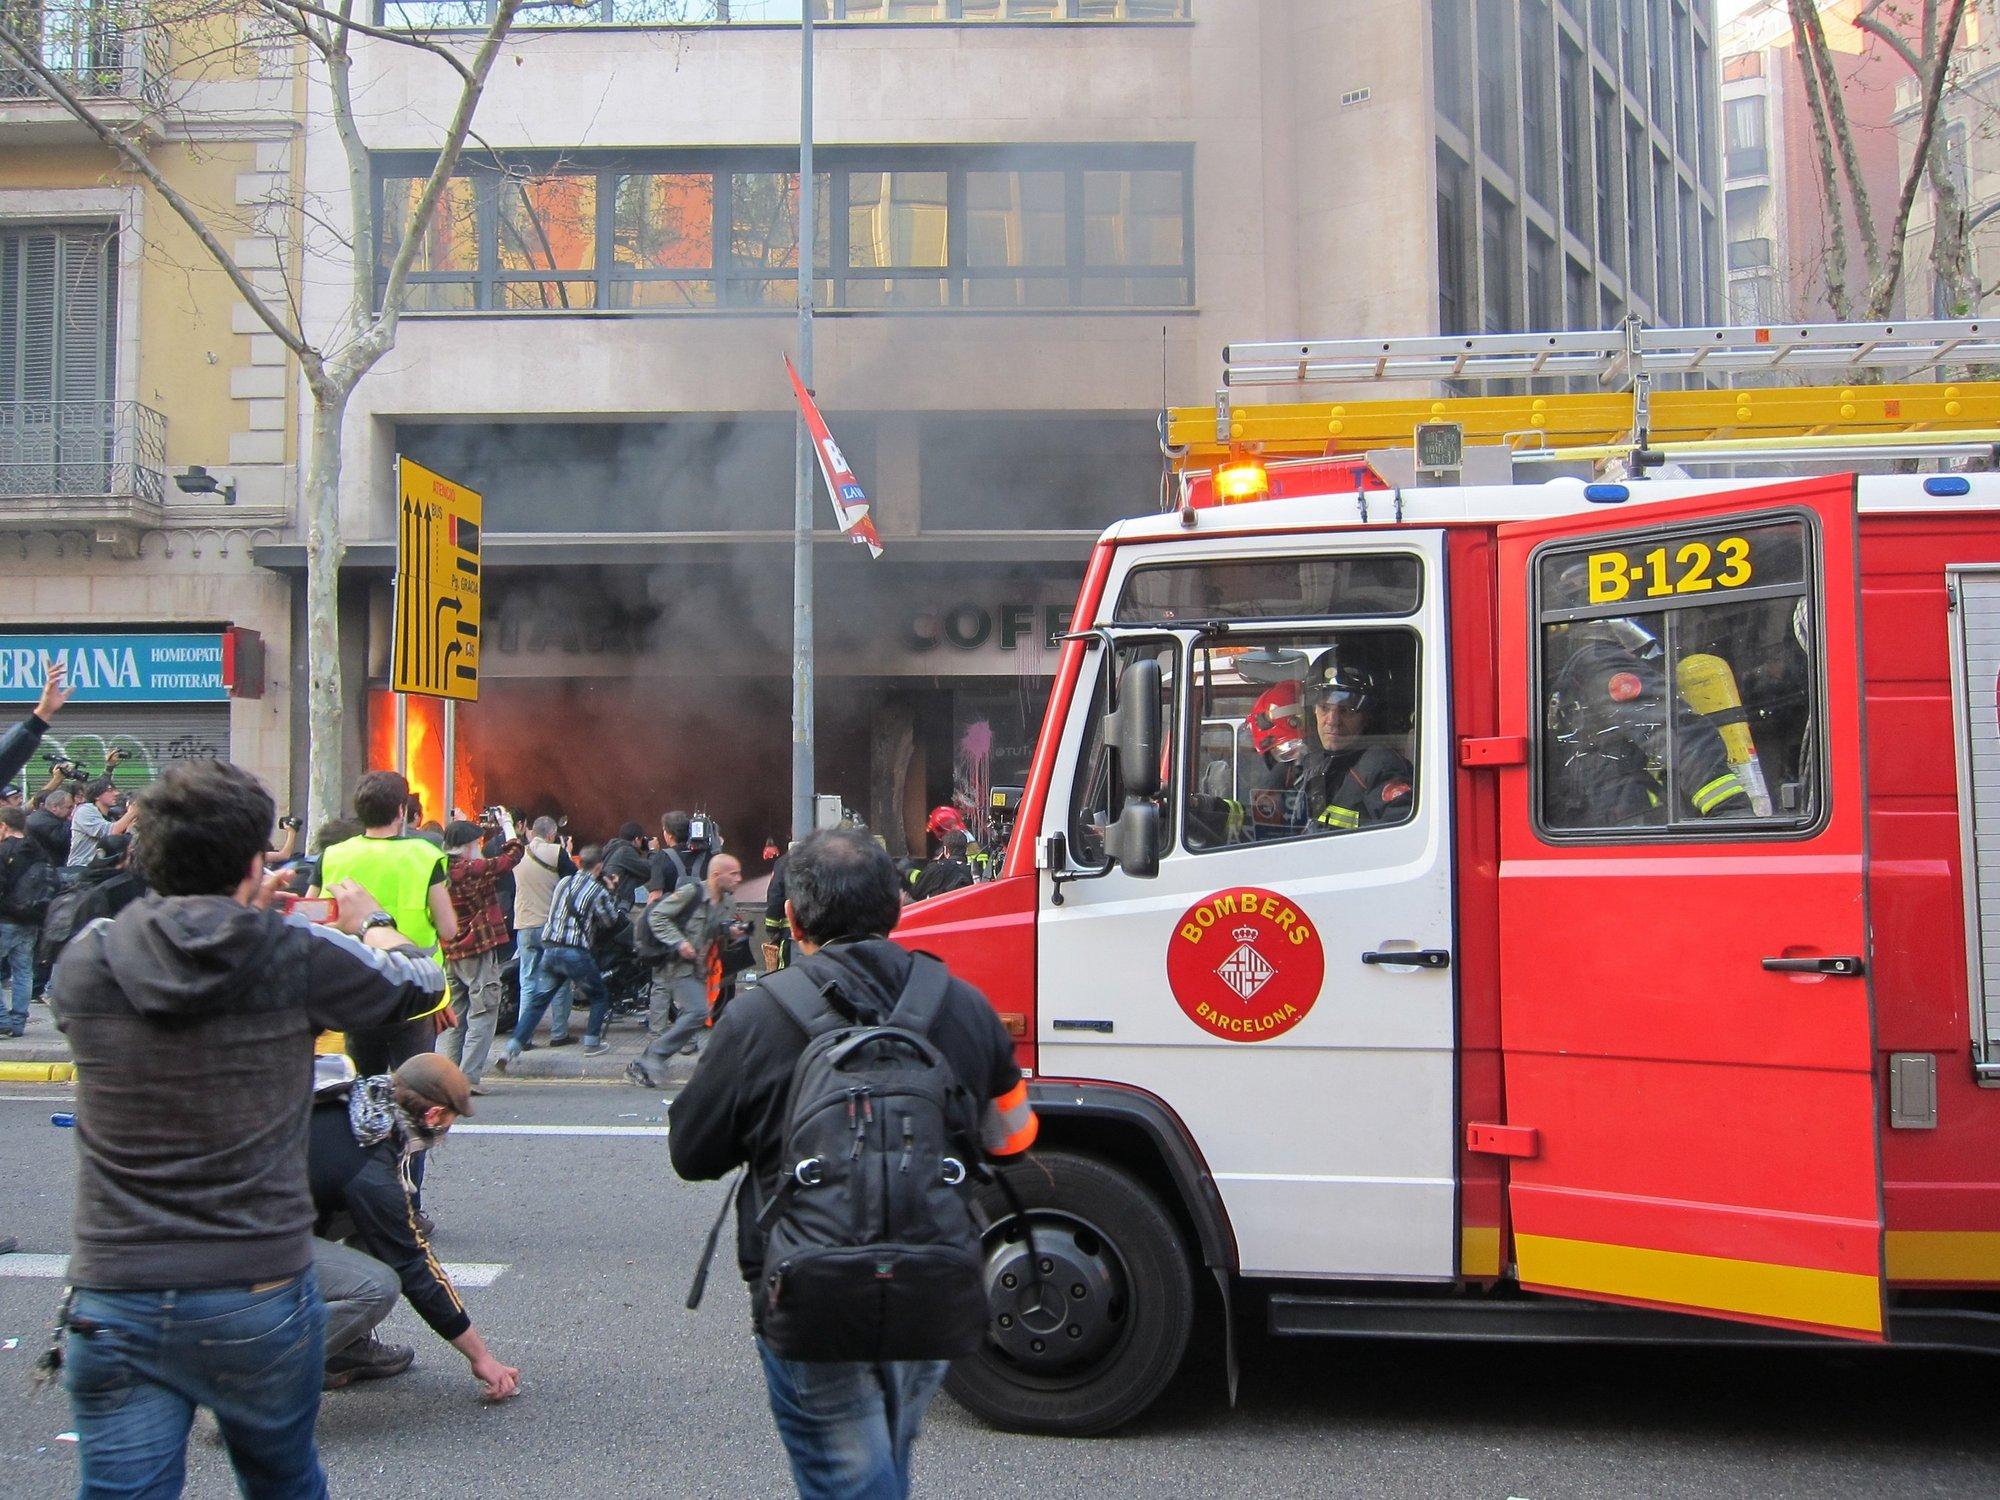 La Junta de Seguridad de Barcelona sobre vandalismo se celebrará el 16 de abril